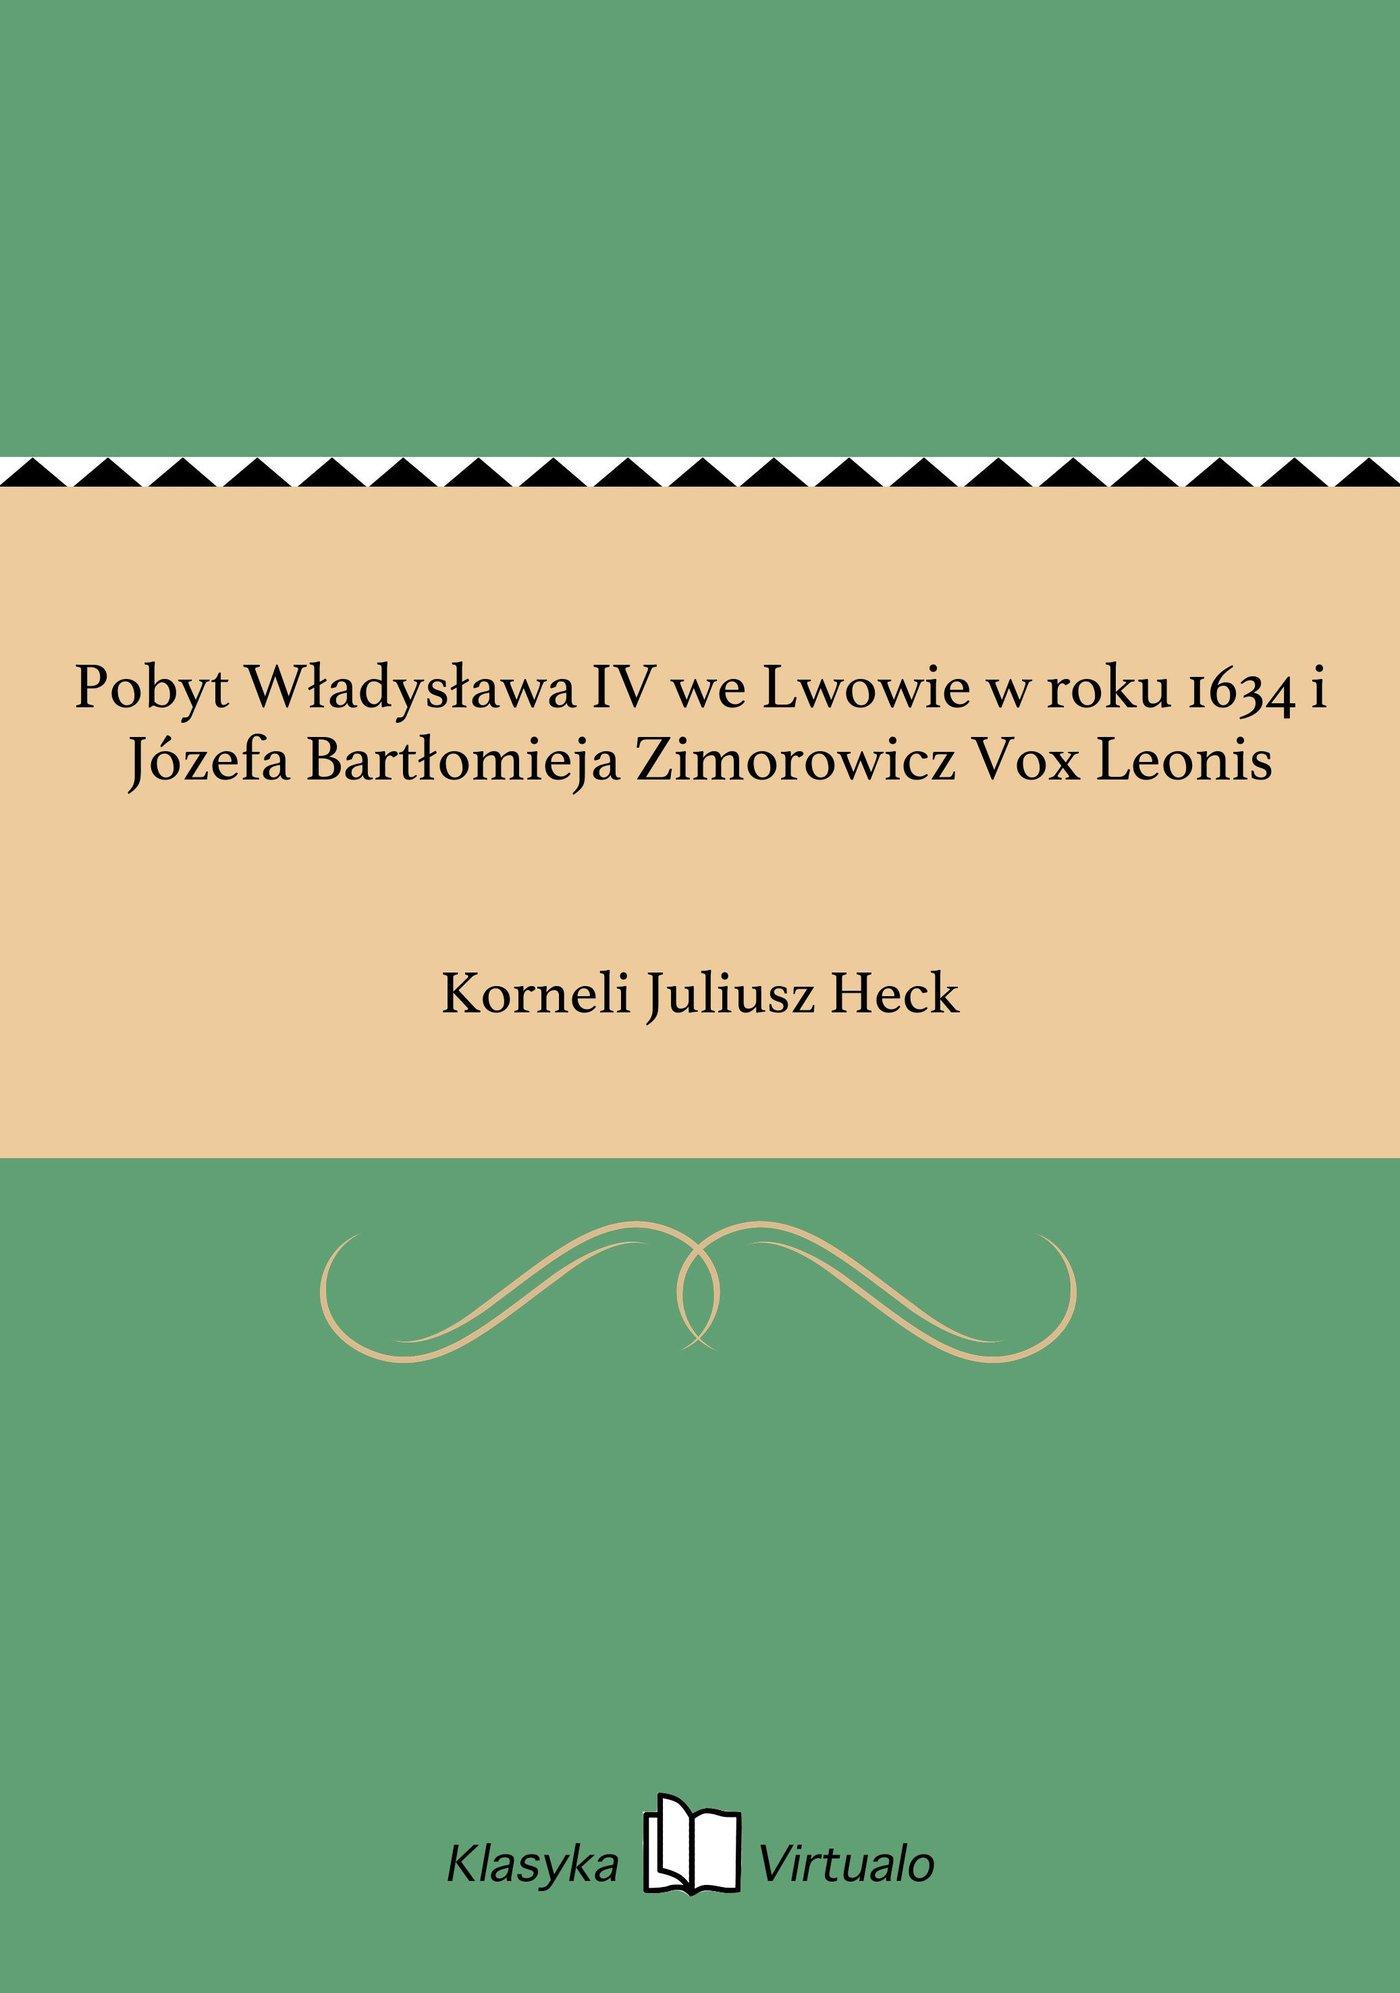 Pobyt Władysława IV we Lwowie w roku 1634 i Józefa Bartłomieja Zimorowicz Vox Leonis - Ebook (Książka na Kindle) do pobrania w formacie MOBI